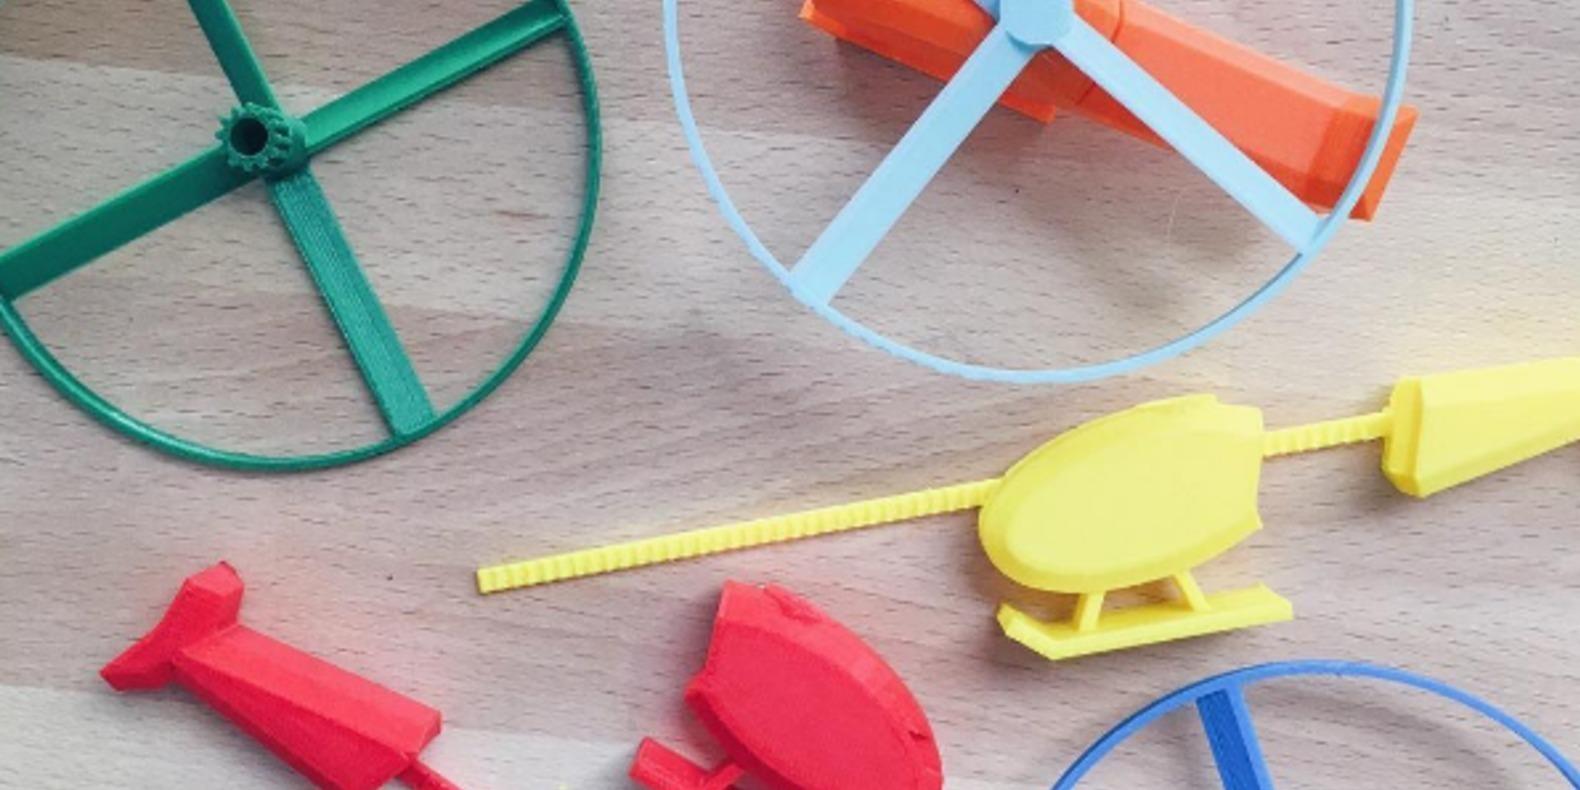 Un hélicoptère en jouet imprimé en 3D